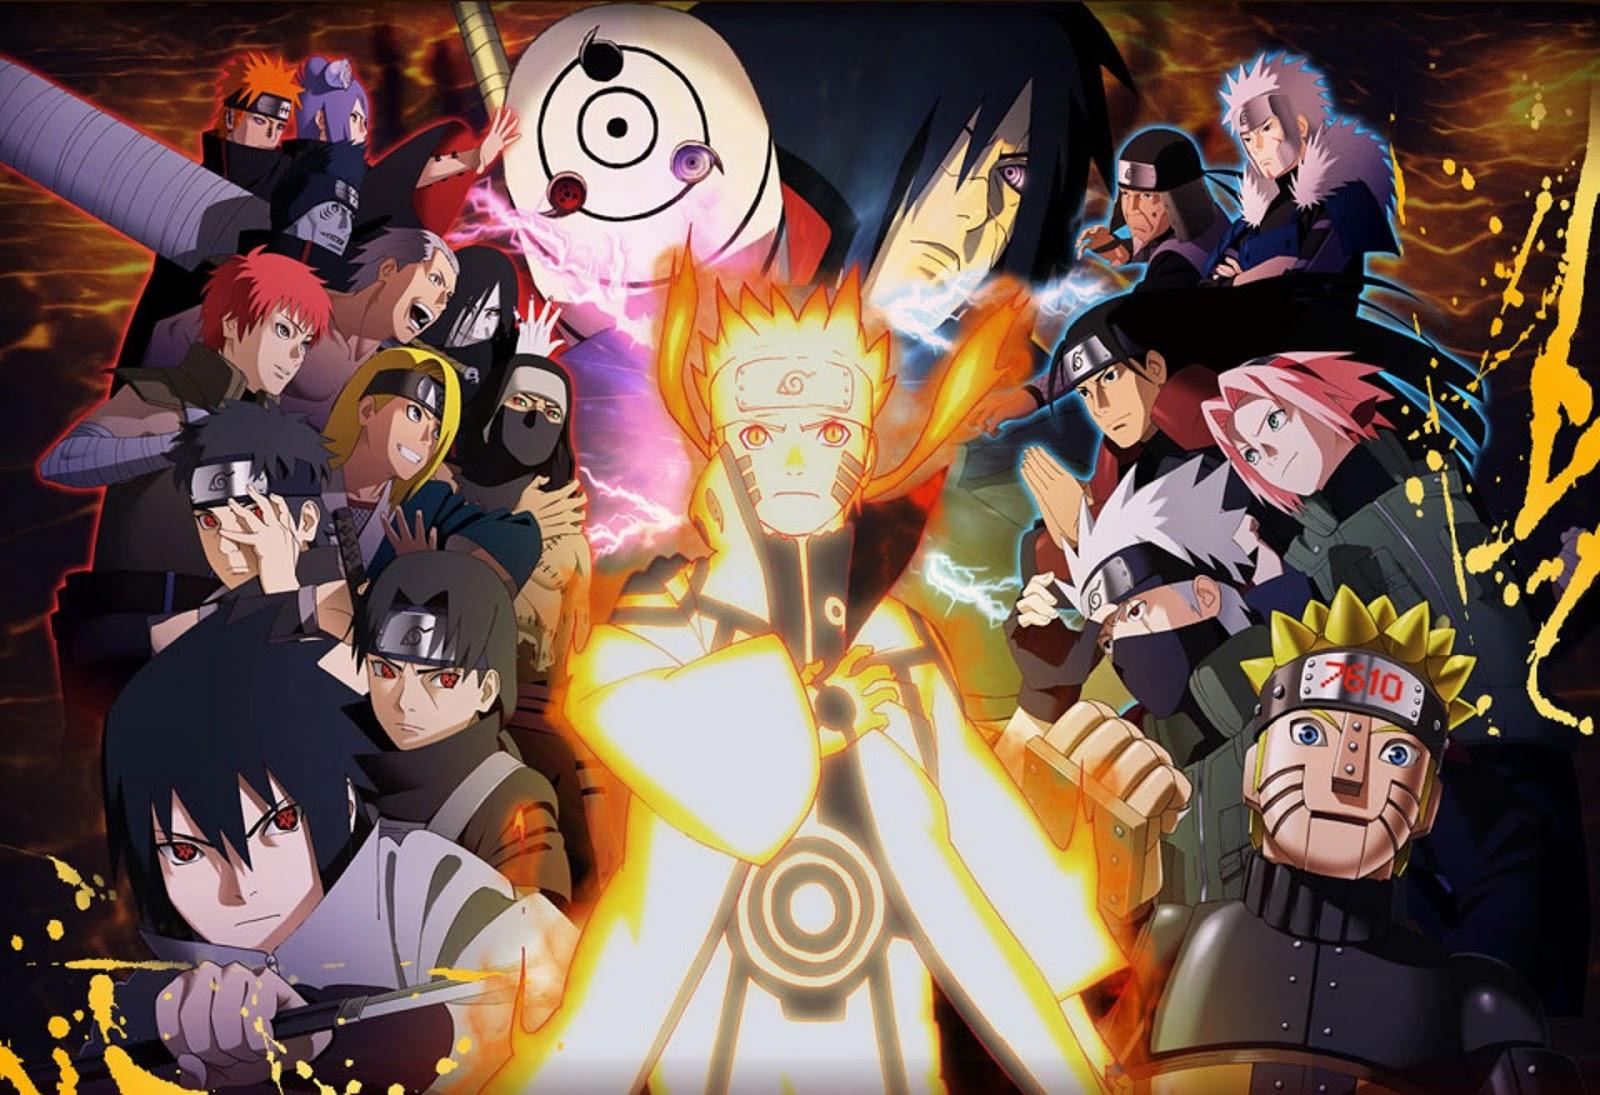 Ditahun 2015 Global TV Kembali Menayangkan Episode Naruto Terbaru Yang Tayang Setiap Hari Dari Pukul 1700 1900 Tak Tanggung Langsung